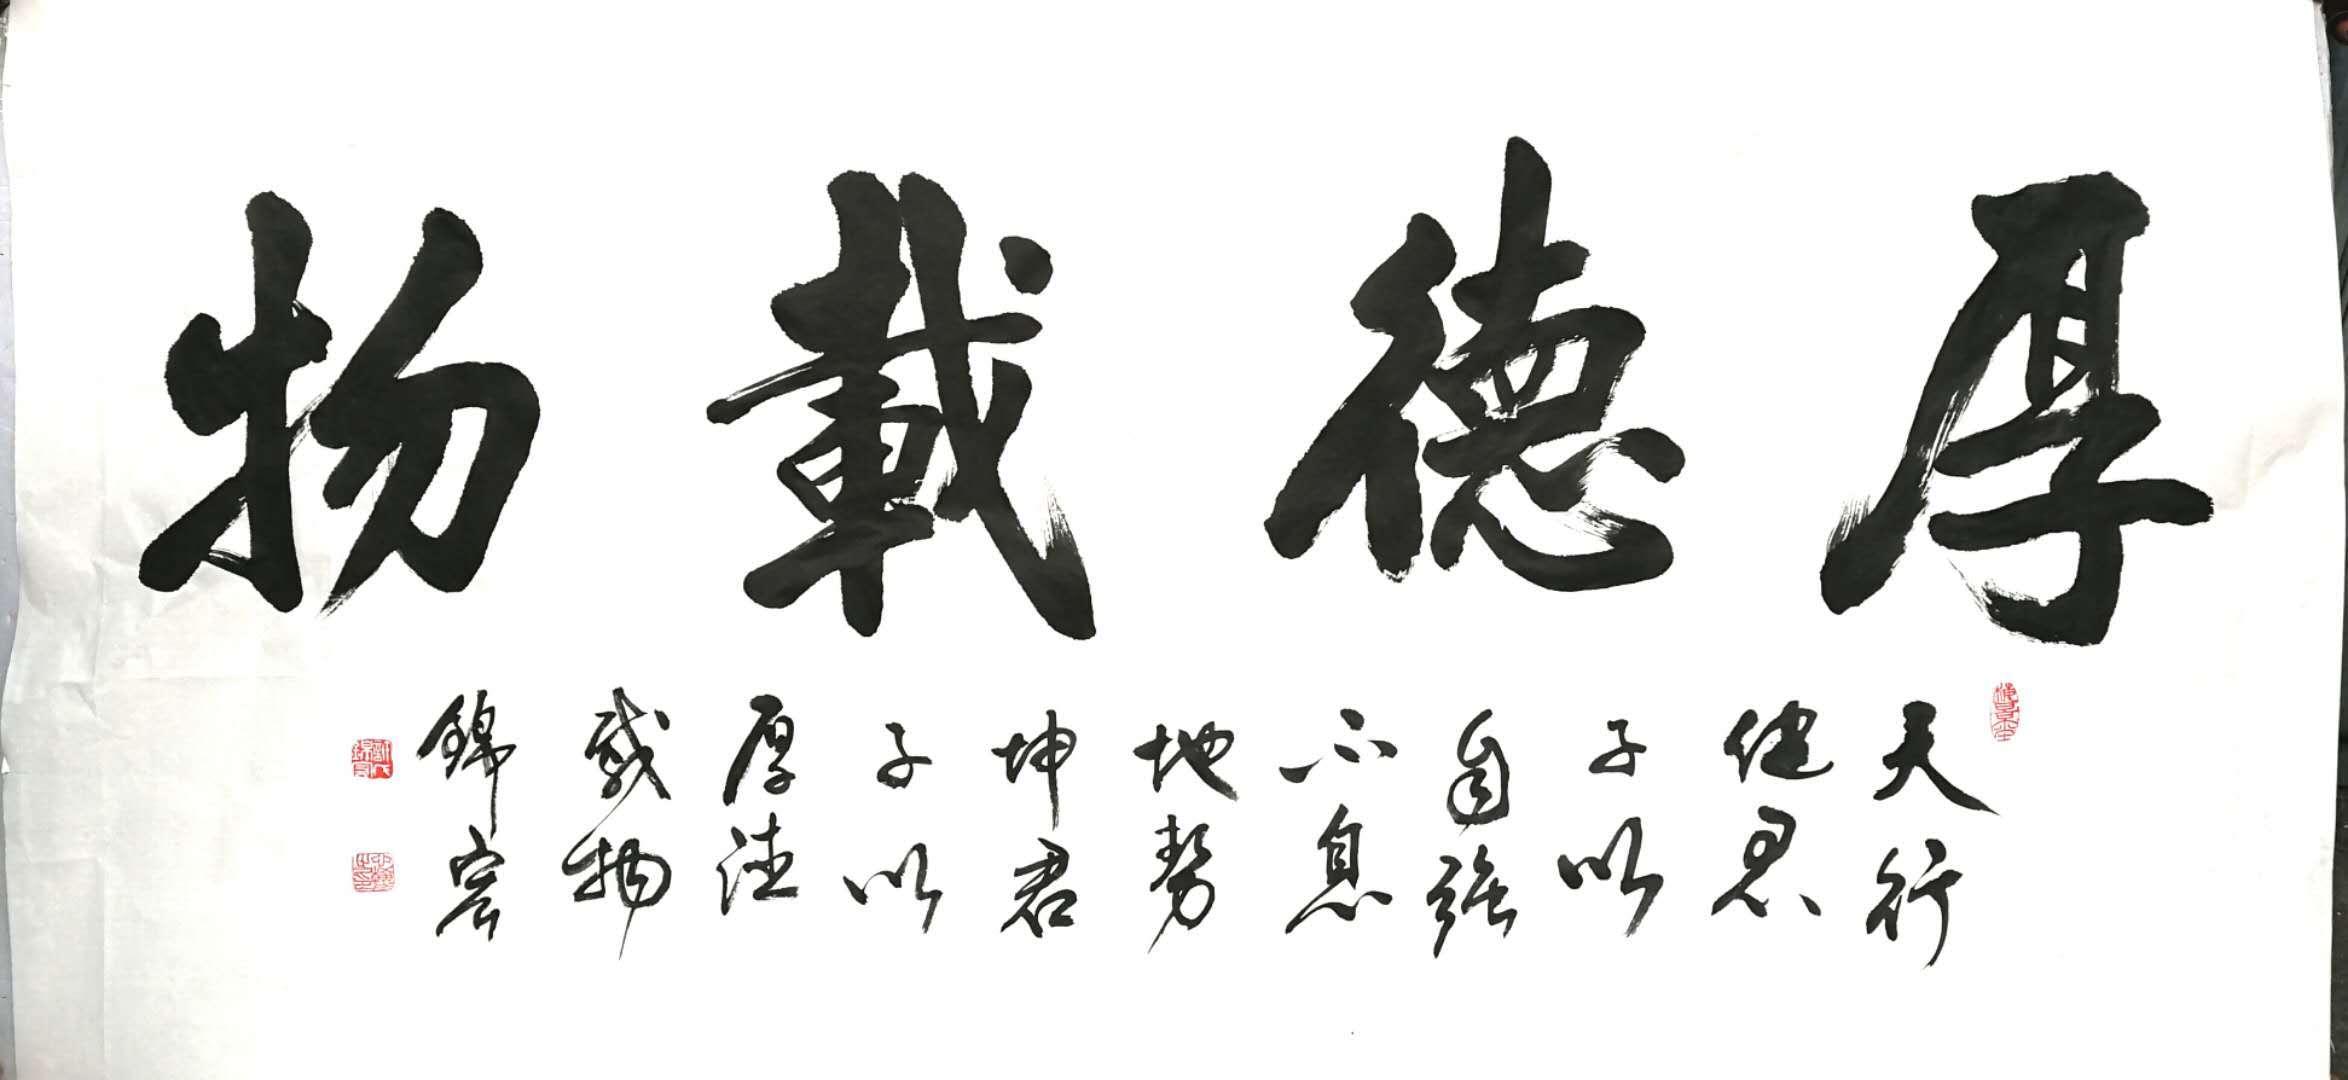 绚烂如夏花,静美如秋叶,书家许锦宏,书作宽博古朴厚重